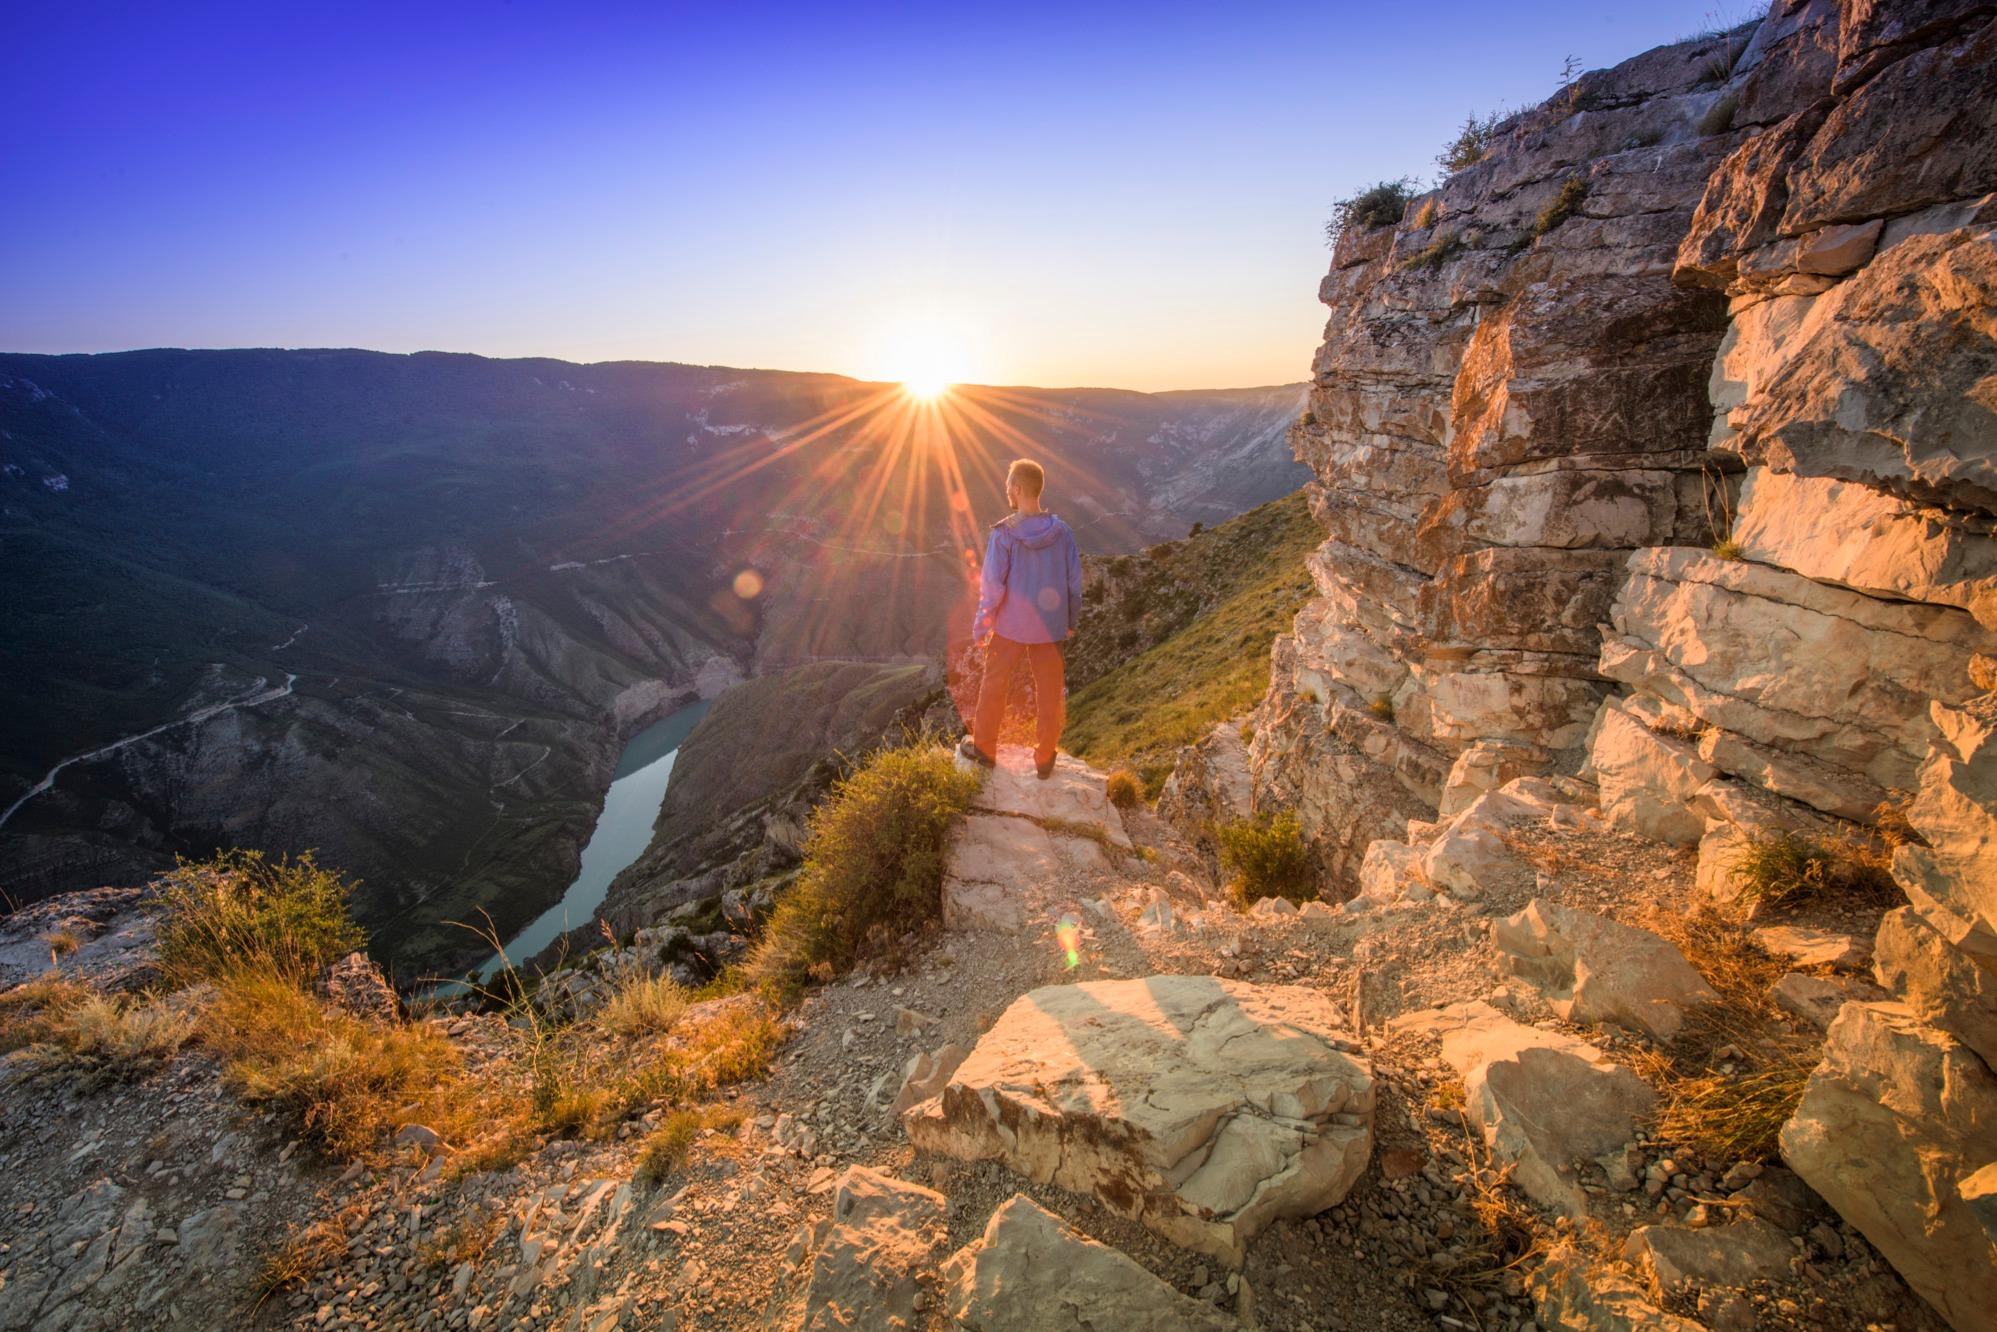 Сулакский каньон: координаты и фото, что посмотреть и где находится Сулакский каньон